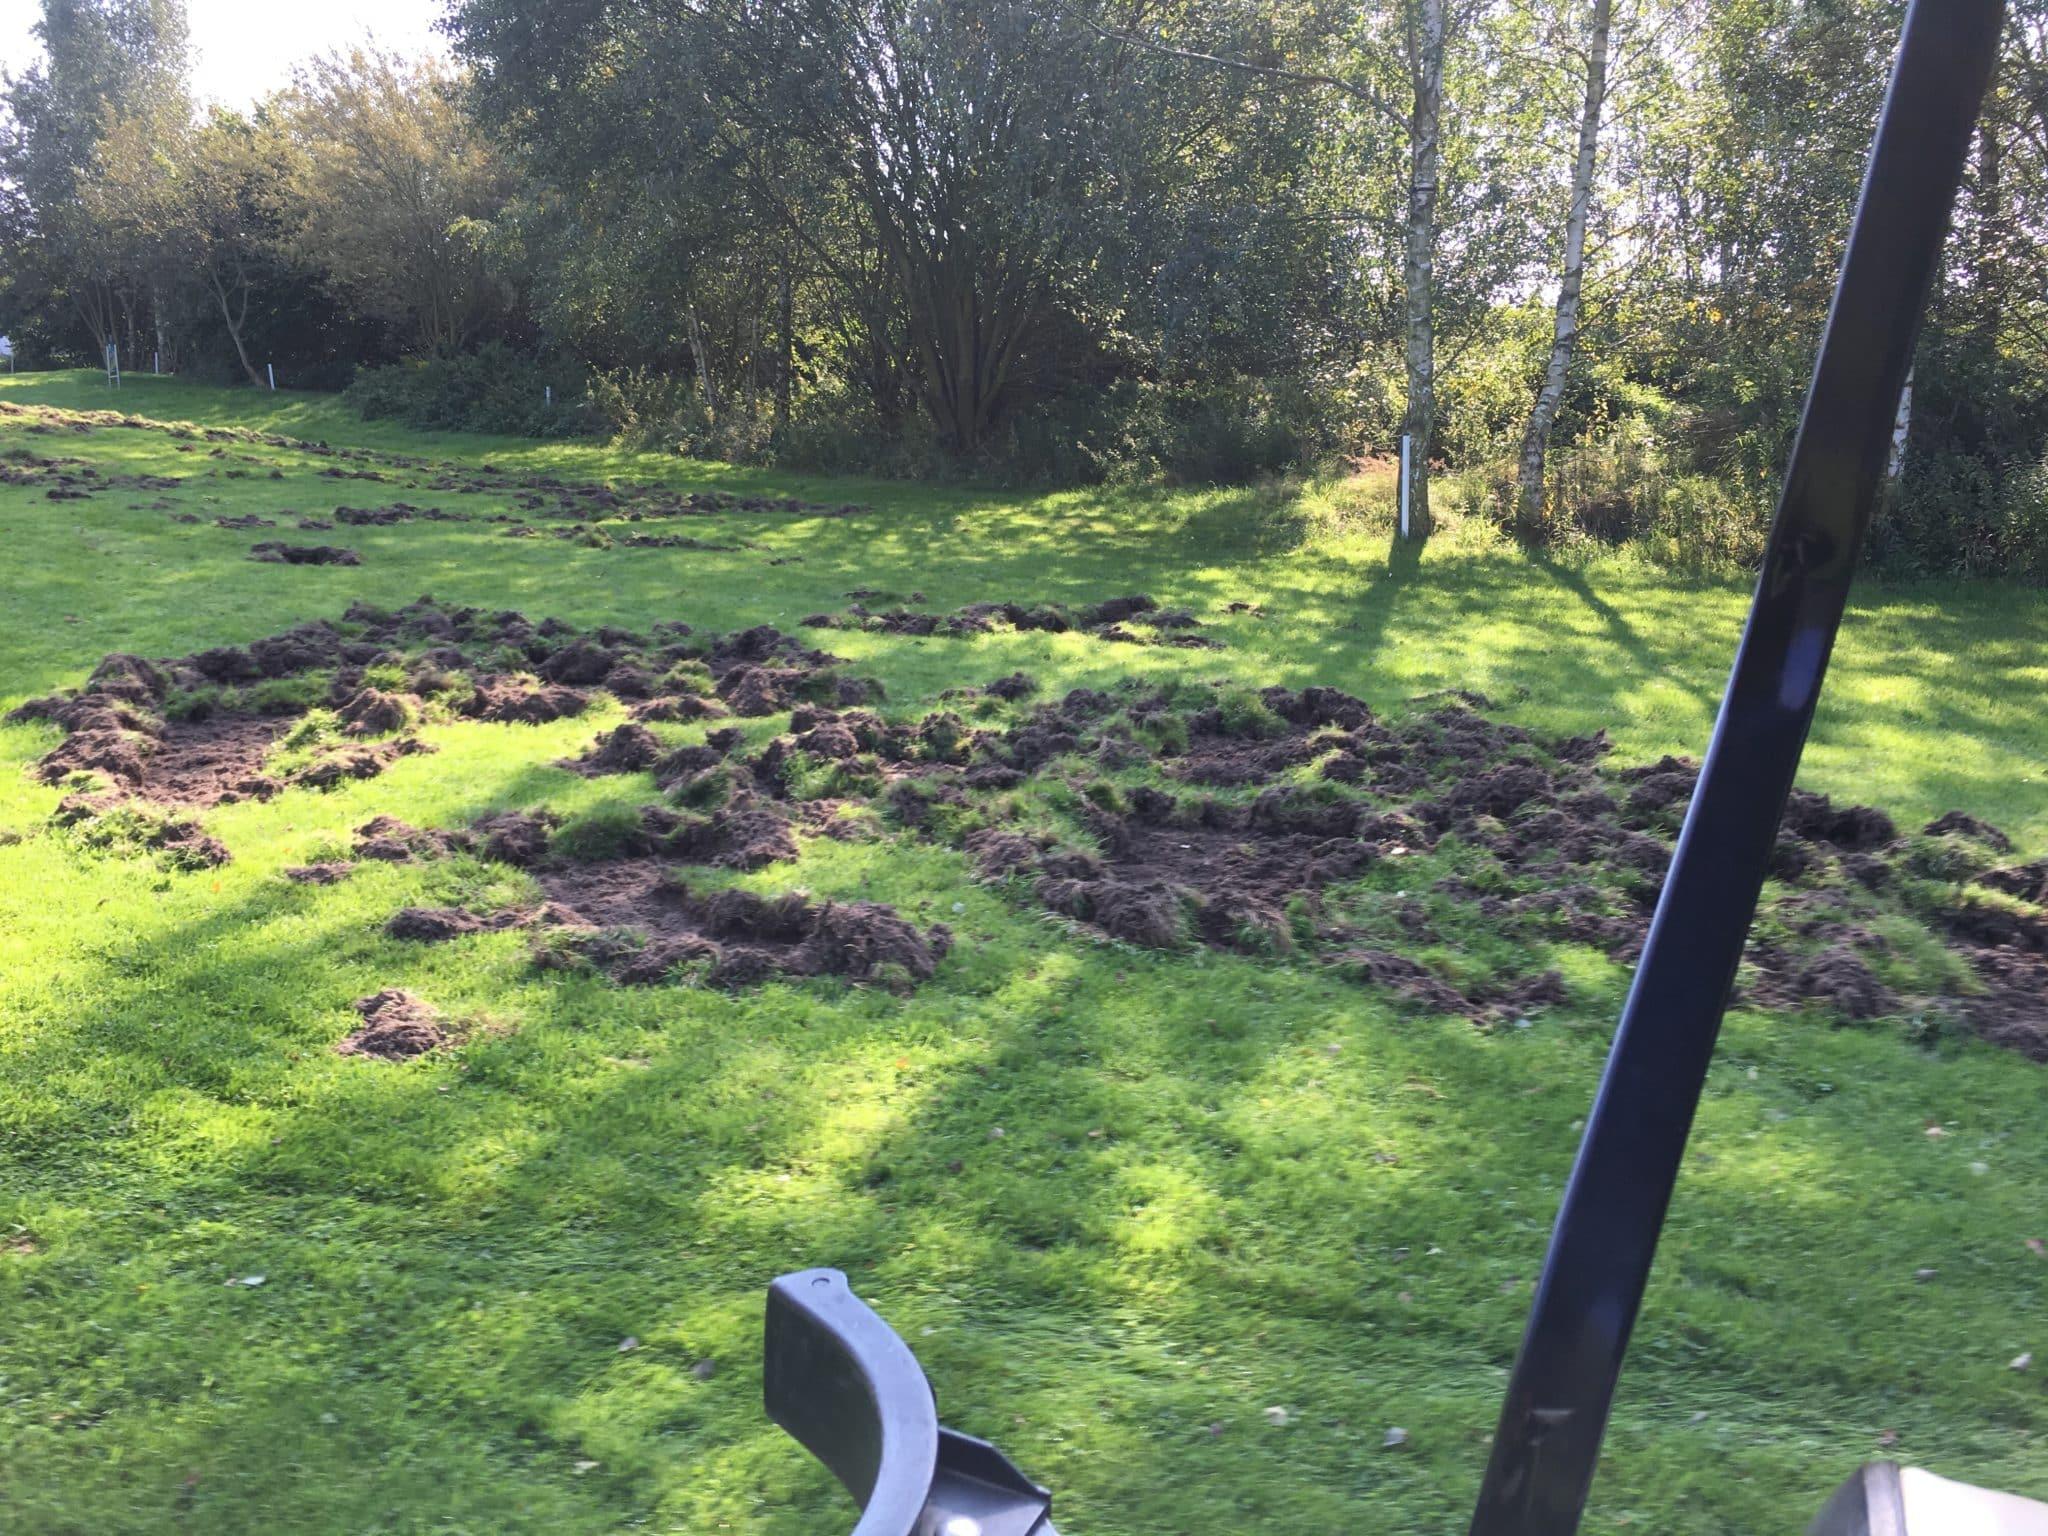 Wildschweinzaun Wildschweinschutzzaun Wildschwein Schaden Golfplatz